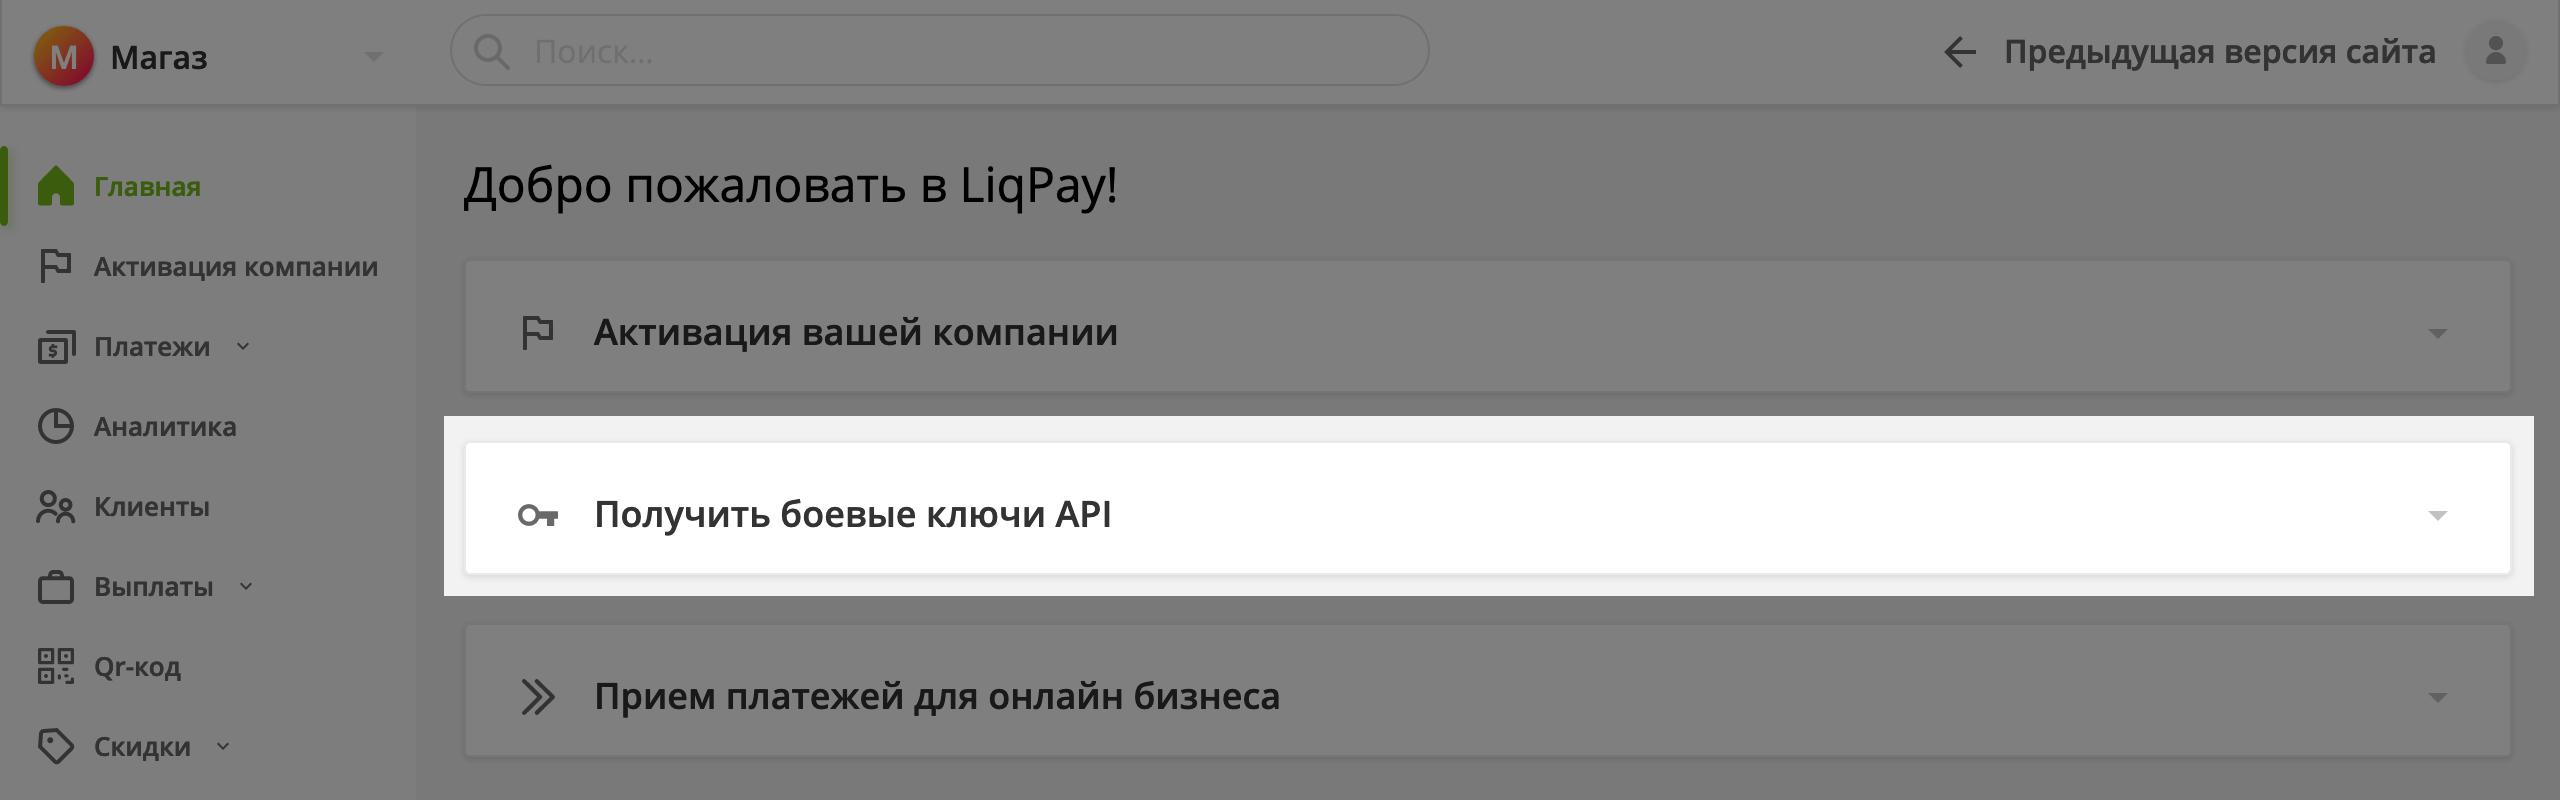 Домашняя страница аккаунта на сайте LiqPay